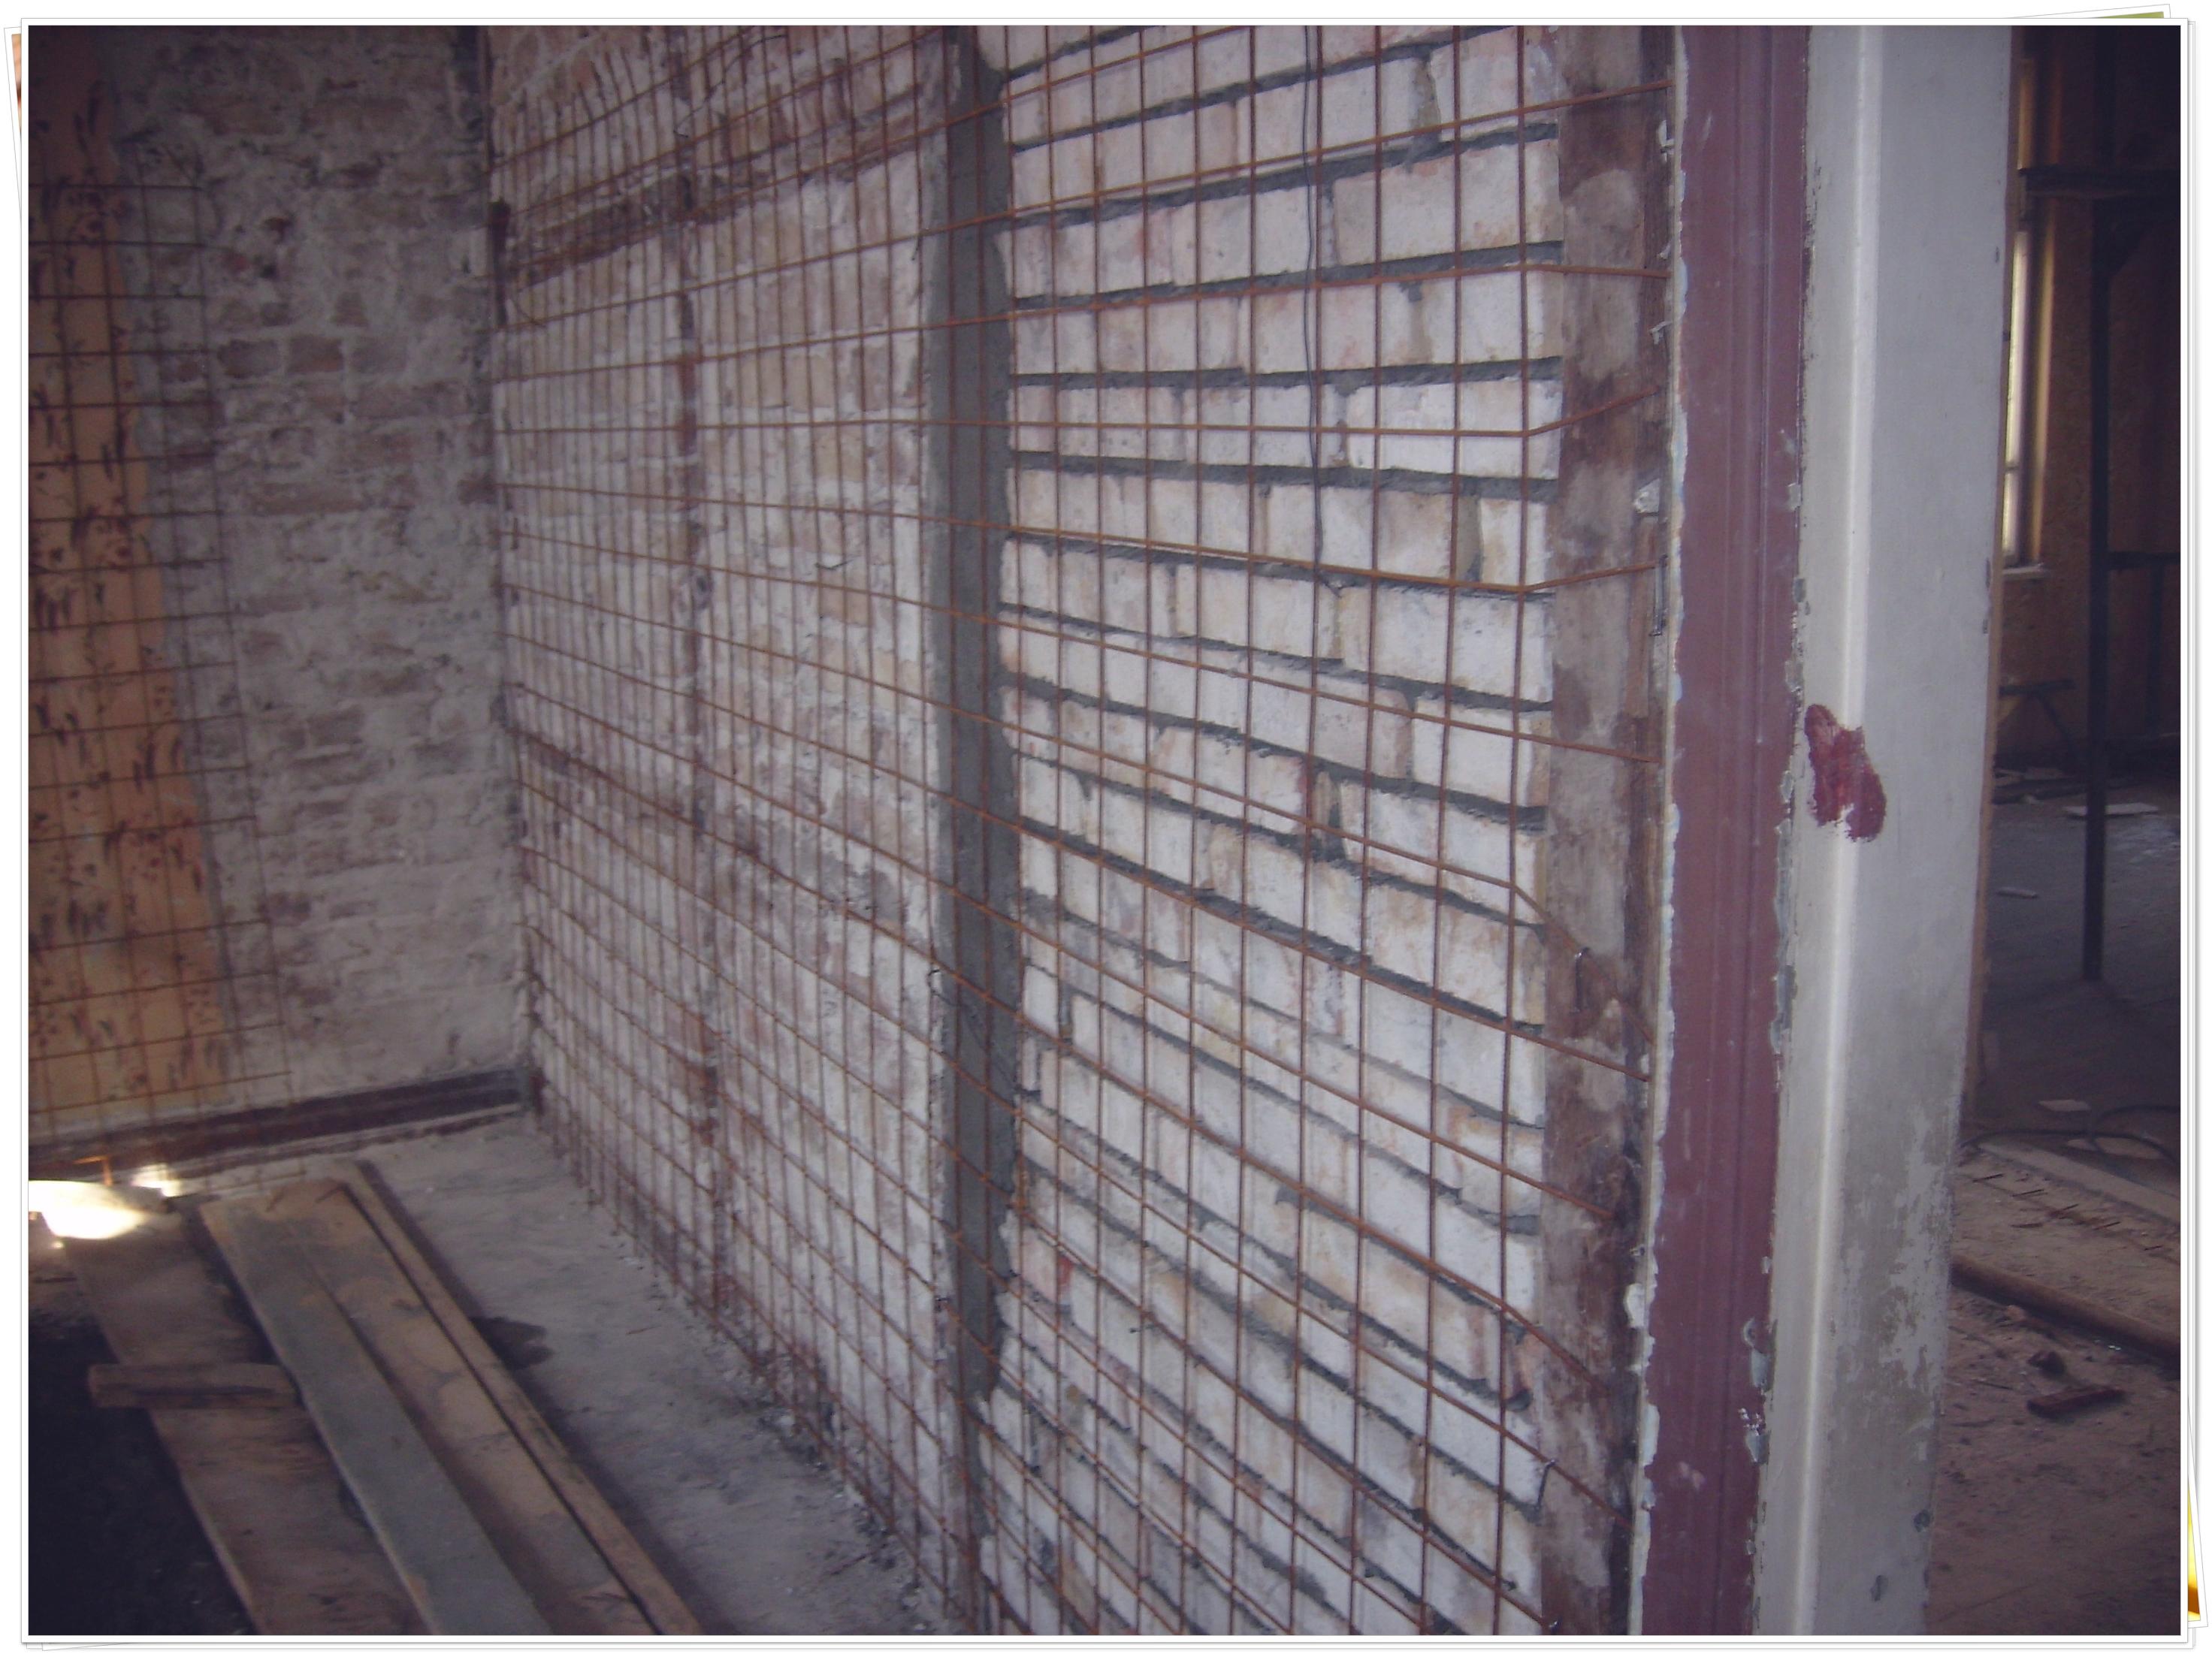 армиране за подсилване на стени